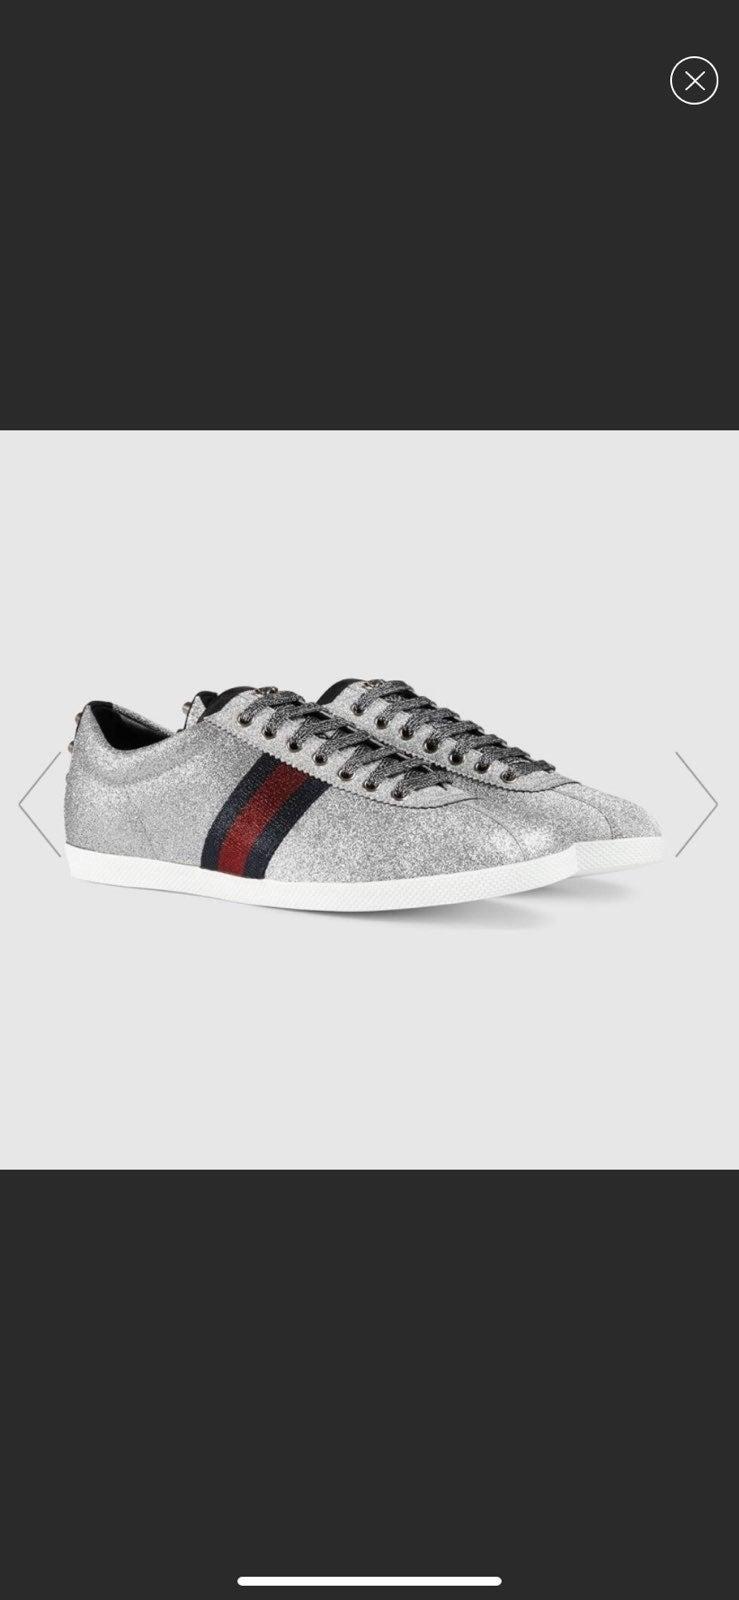 Gucci Glitter Fashion Sneakers | Mercari